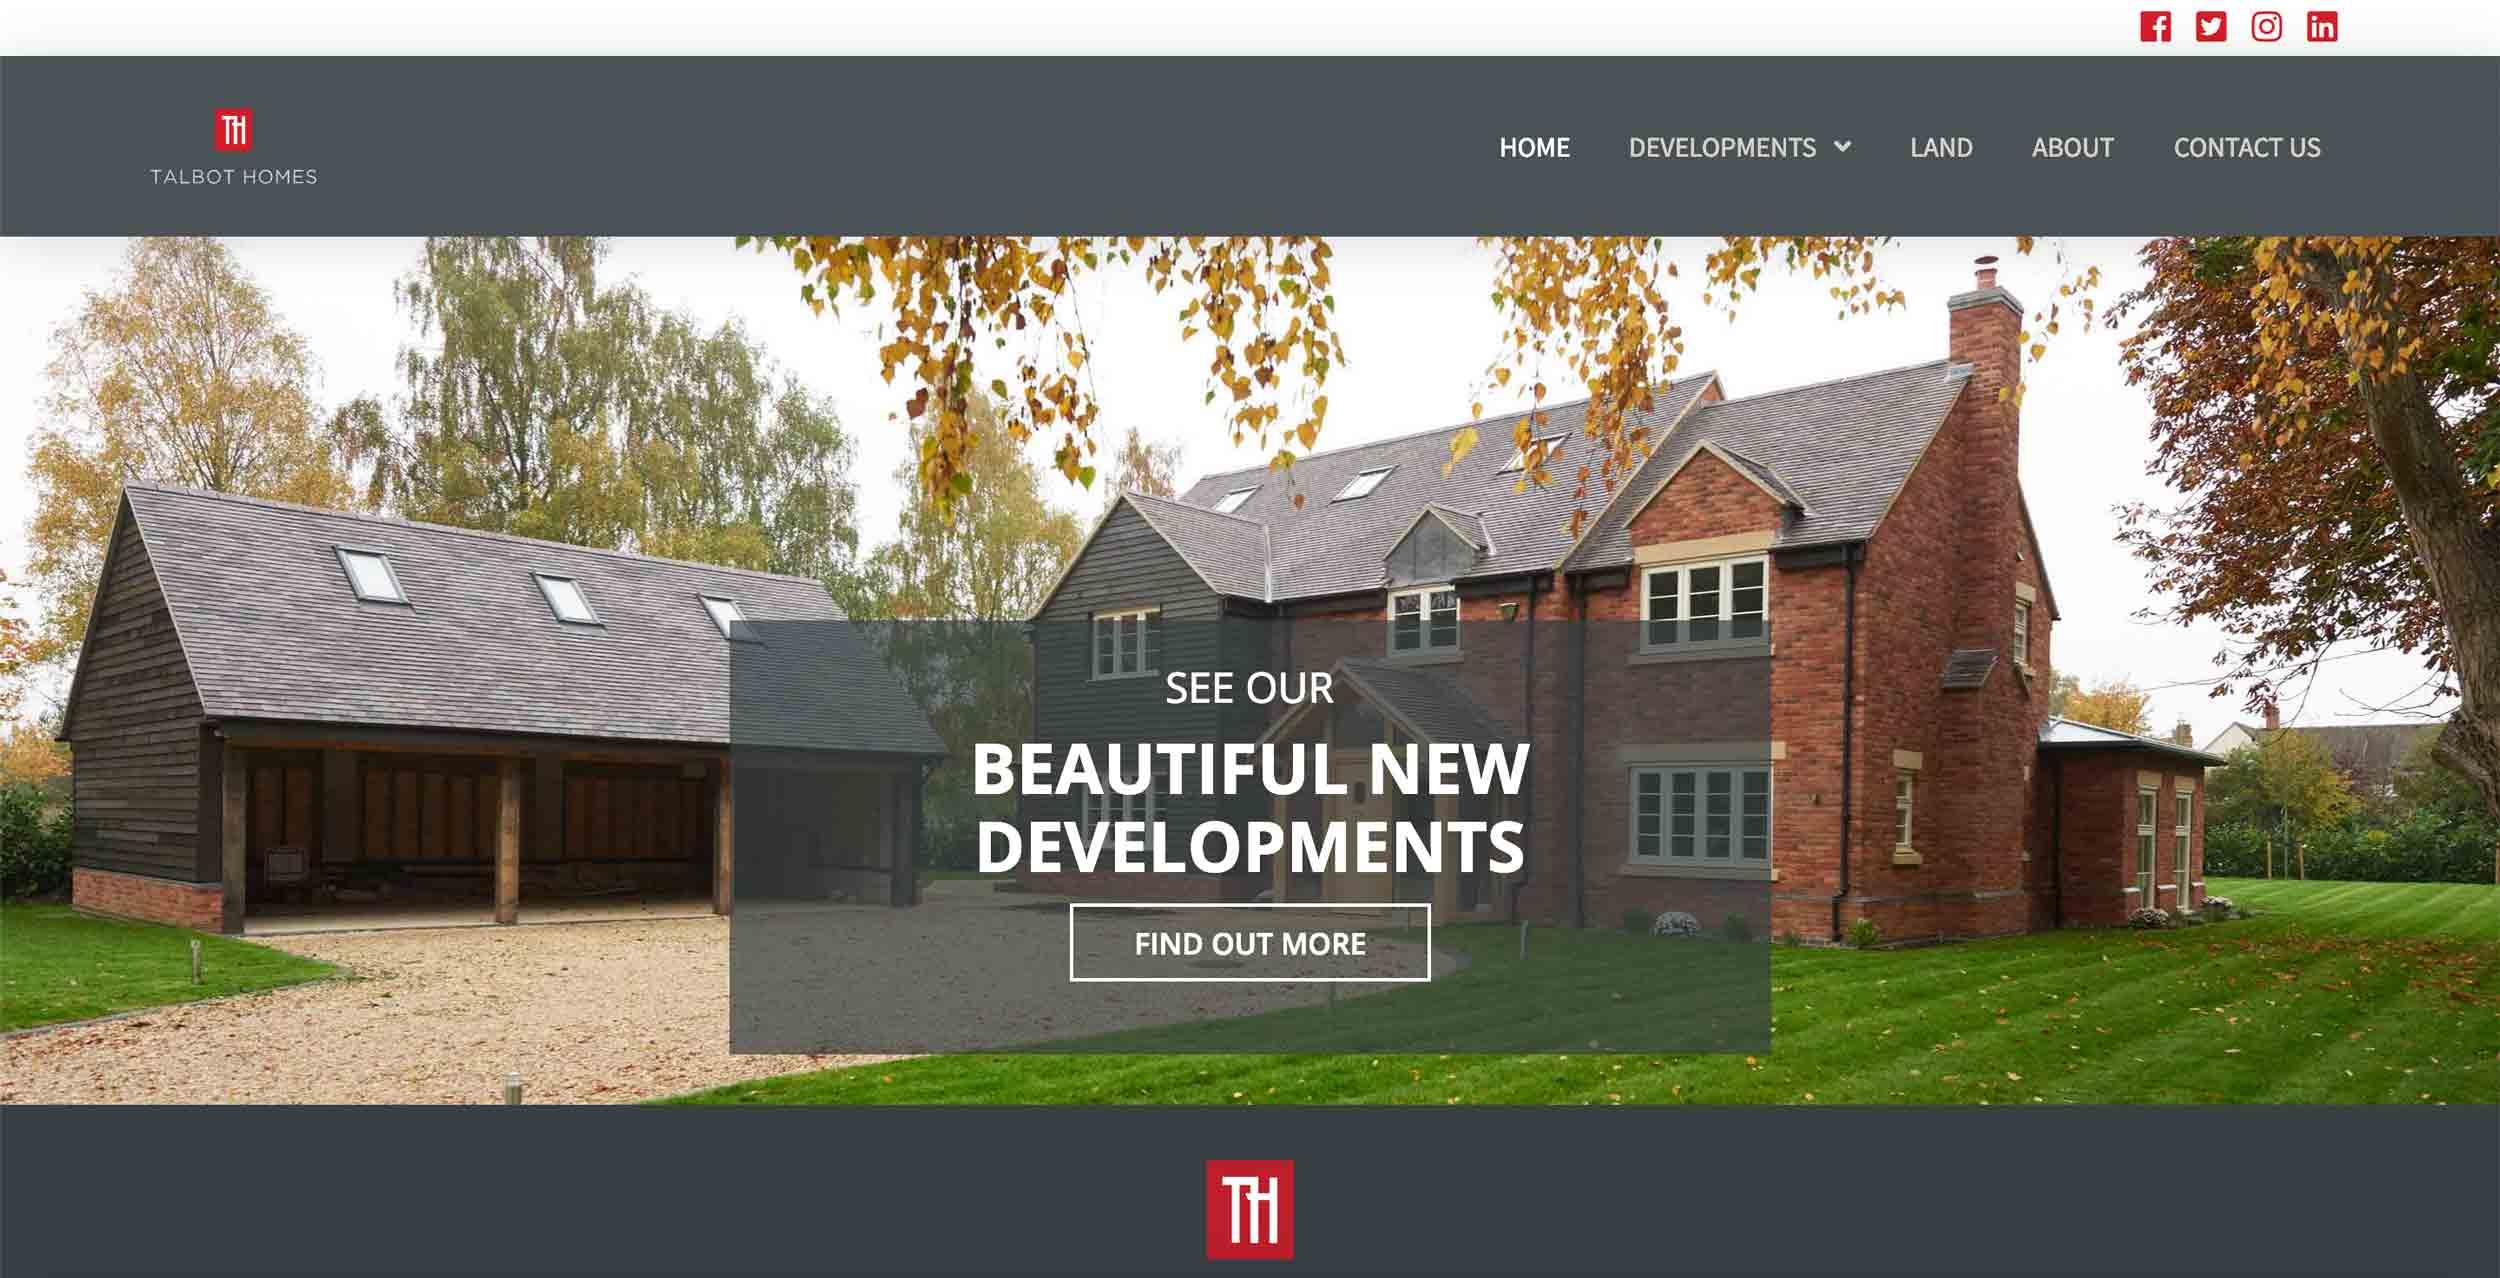 talbot homes website screenshot1